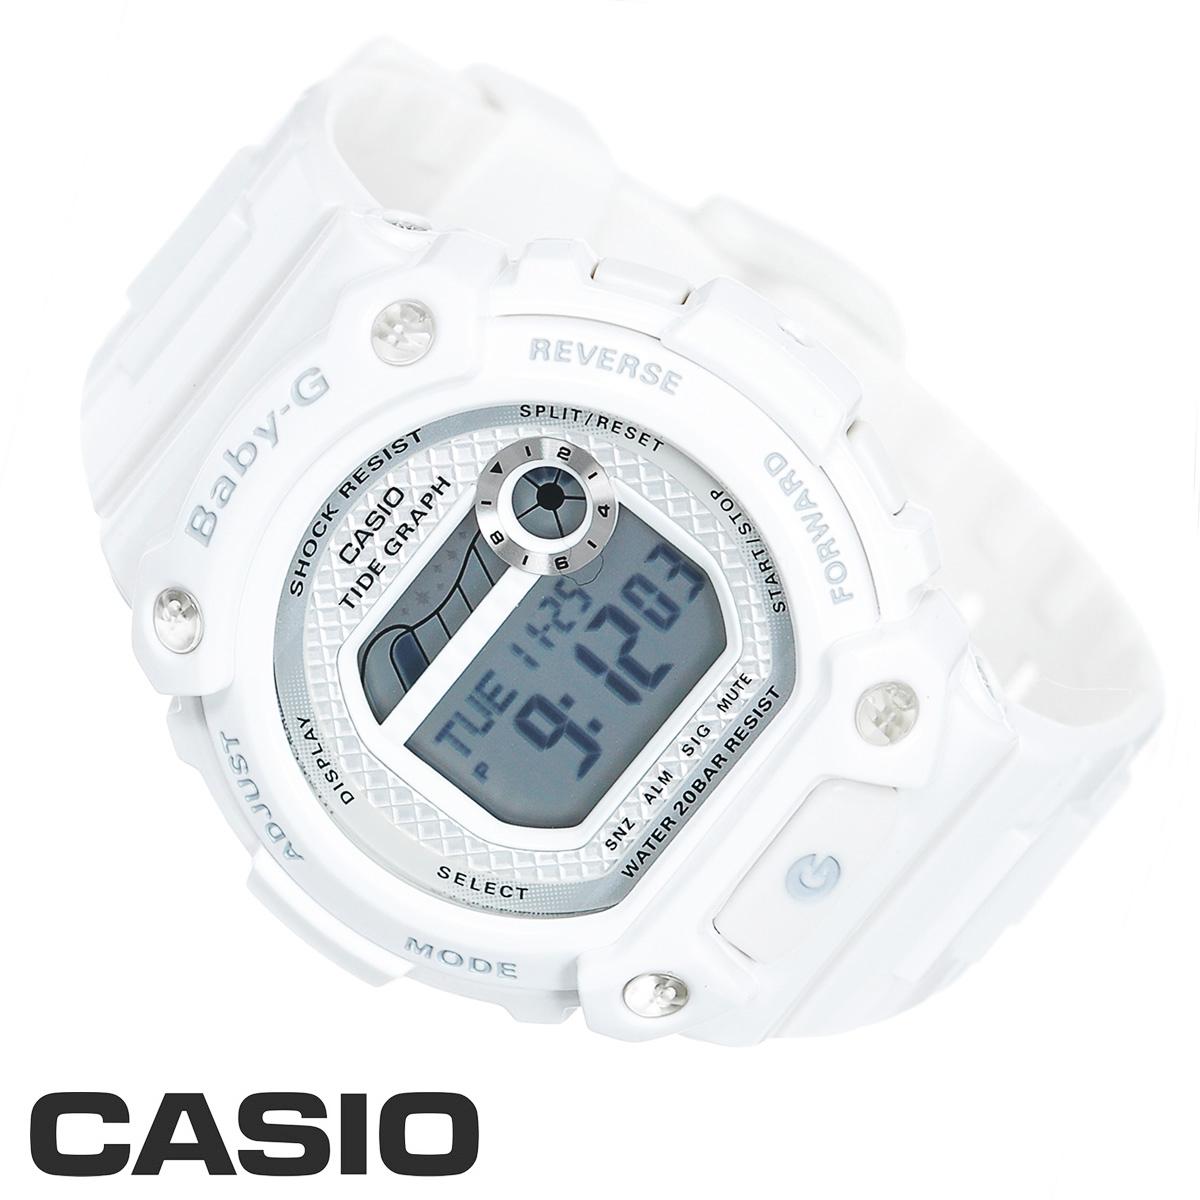 Часы женские наручные Casio Baby-G, цвет: белый, серебристый. BLX-100-7EBLX-100-7EСтильные электронные часы Baby-G от японского брэнда Casio - это яркий функциональный аксессуар для современных людей, которые стремятся выделиться из толпы и подчеркнуть свою индивидуальность. Часы выполнены в спортивном стиле. Часы имеют ударопрочную конструкцию, защищающую механизм от ударов и вибрации. Электролюминесцентная подсветка освещает весь циферблат часов, после отпускания кнопки свечение продолжается еще некоторое время. Ремешок из мягкого пластика застегивается на классическую застежку. Основные функции: - 5 будильников, один с функцией повтора сигнала (чтобы отложить пробуждение), ежечасный сигнал; - автоматический календарь (число, месяц, день недели, год); - секундомер с точностью показаний 1/100 с, время измерения 24 ч; - сплит-хронограф; - 12-ти и 24-х часовой формат времени; - таймер обратного отсчета от 1 мин до 24 ч с автоповтором; - графическое...